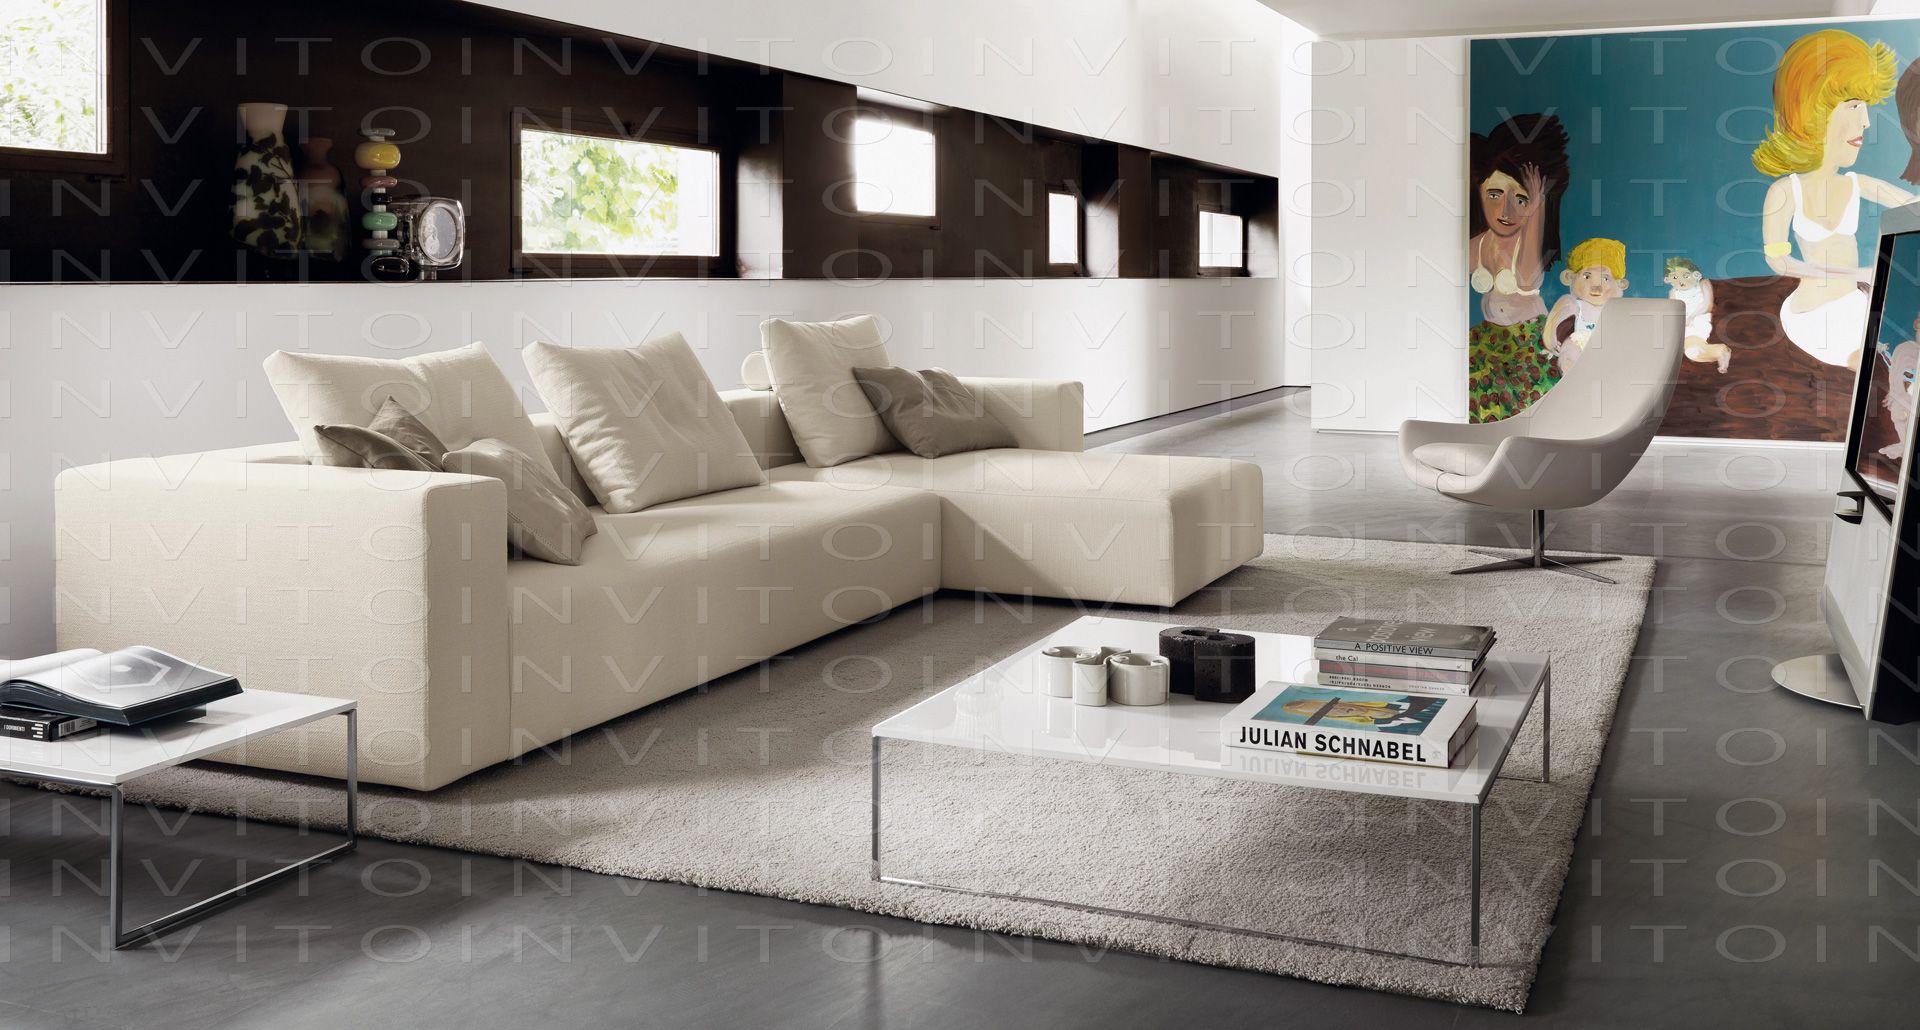 Invito Muebles Minimalistas Interiorismo Decoraci N De  # Muebles Positive